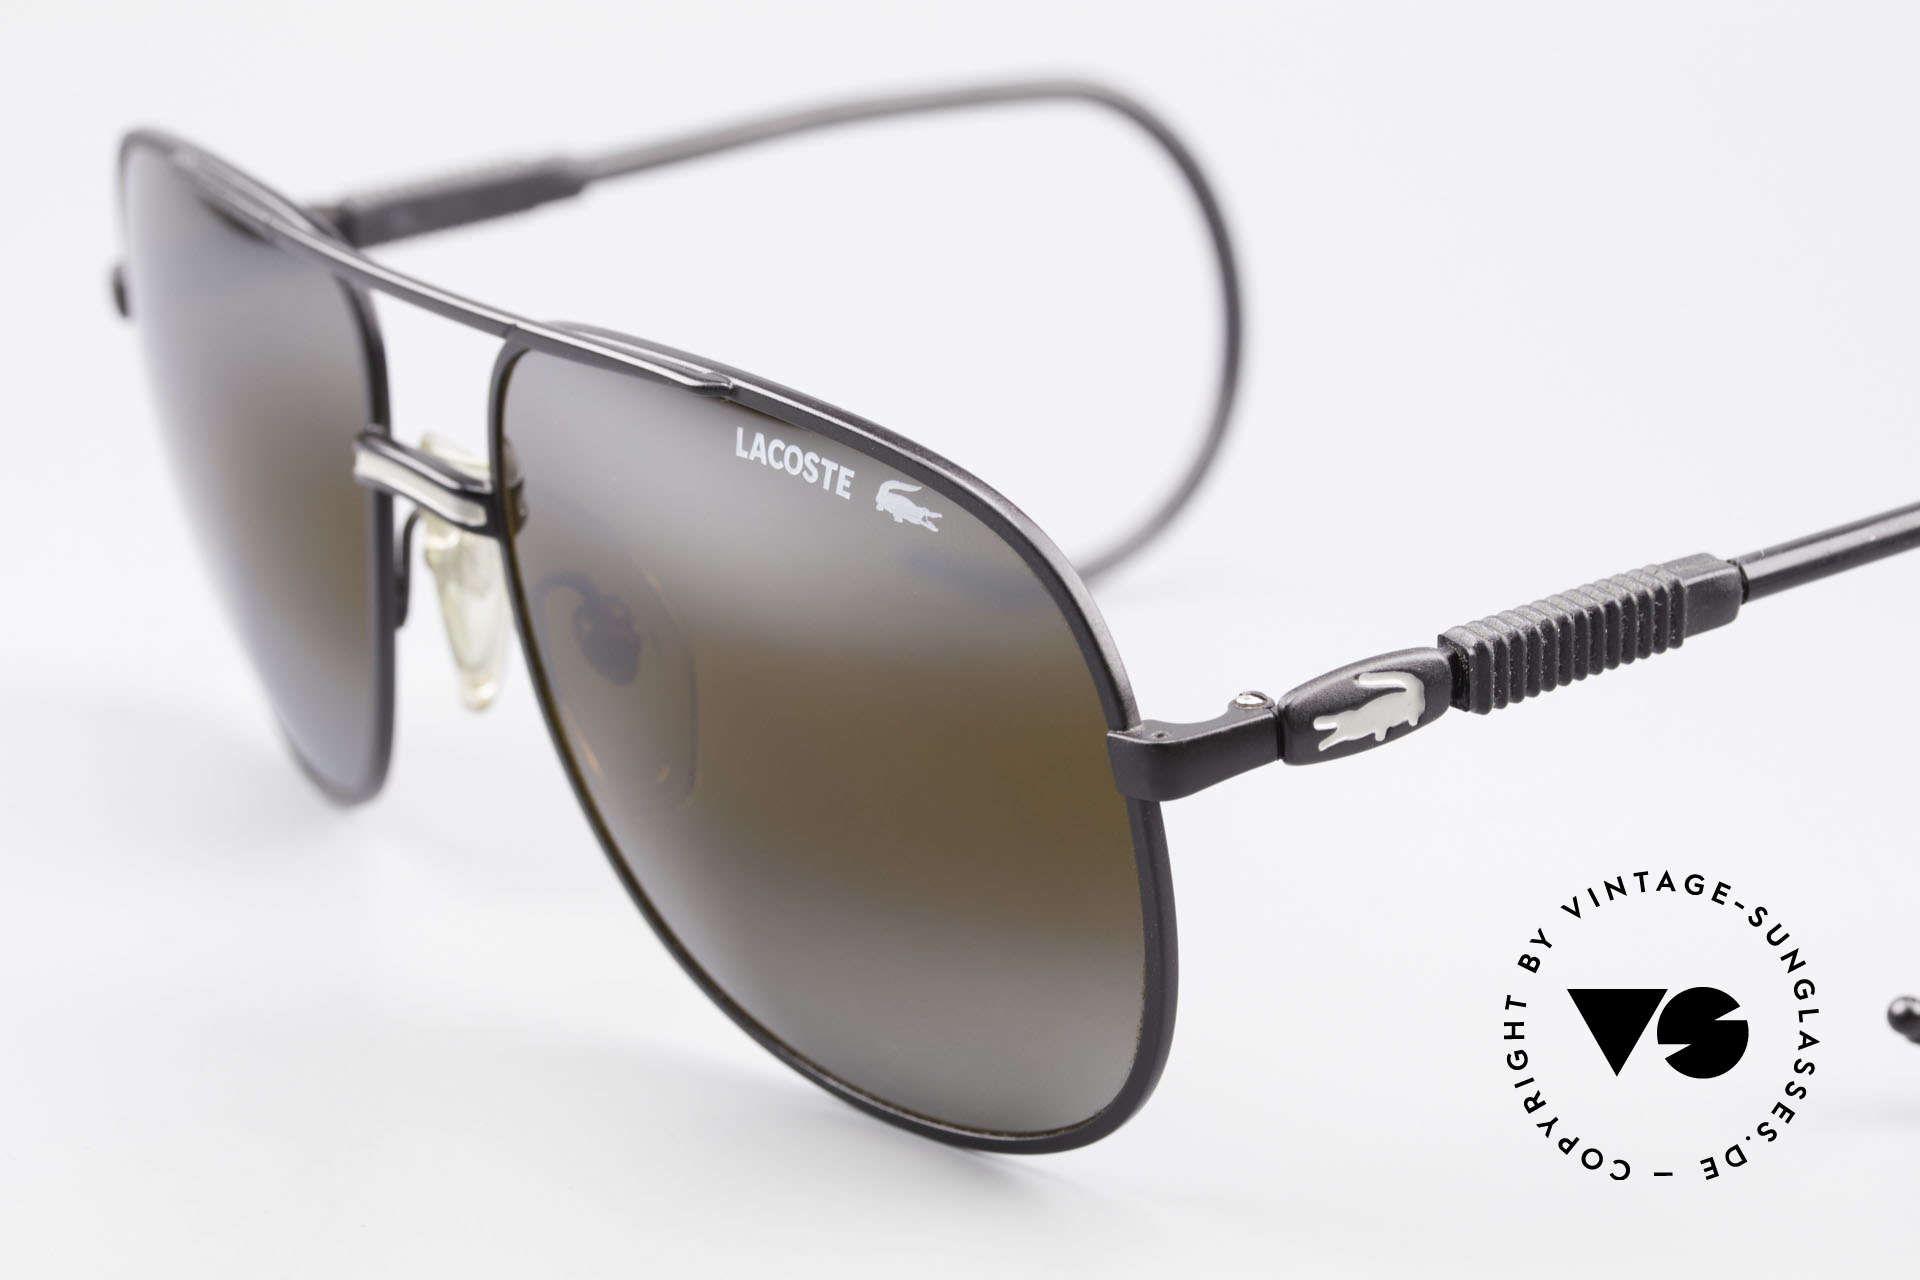 Lacoste 101S Sportliche Aviator Brille XL, Gr. XL 60-17 mit doppelt verspiegelten Sonnengläsern, Passend für Herren